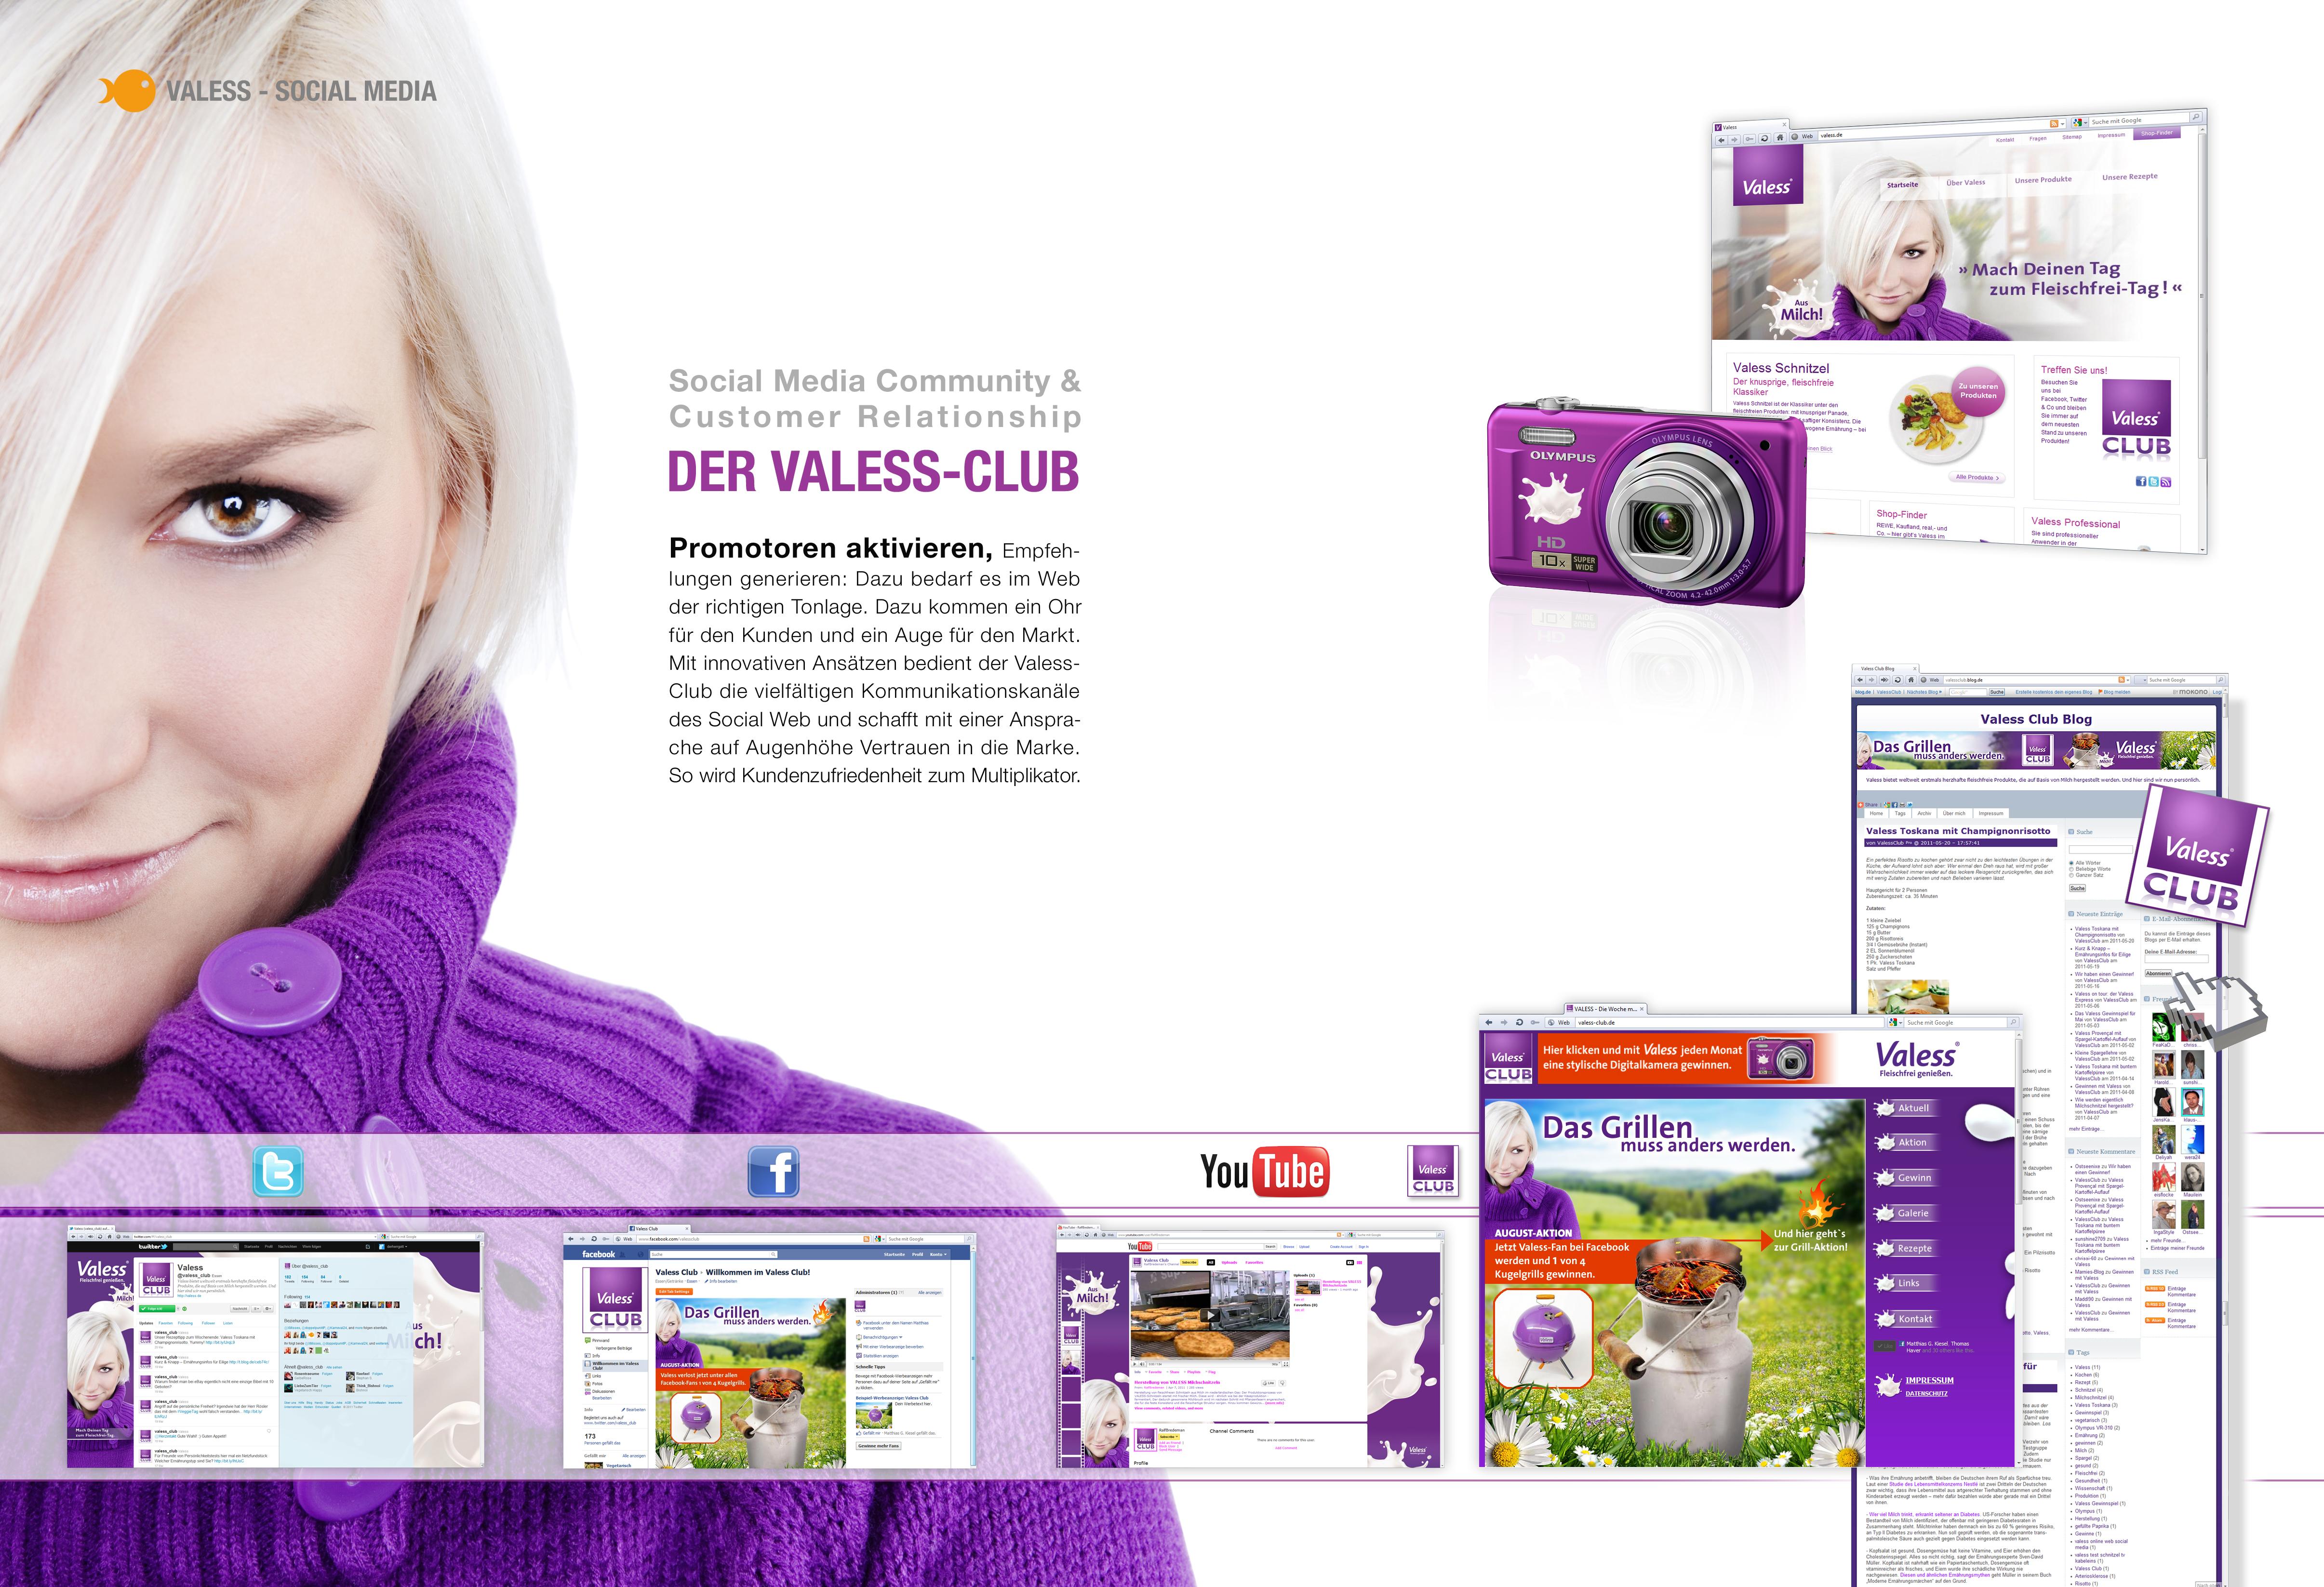 09_Doppelseite_Valess_Social_Media